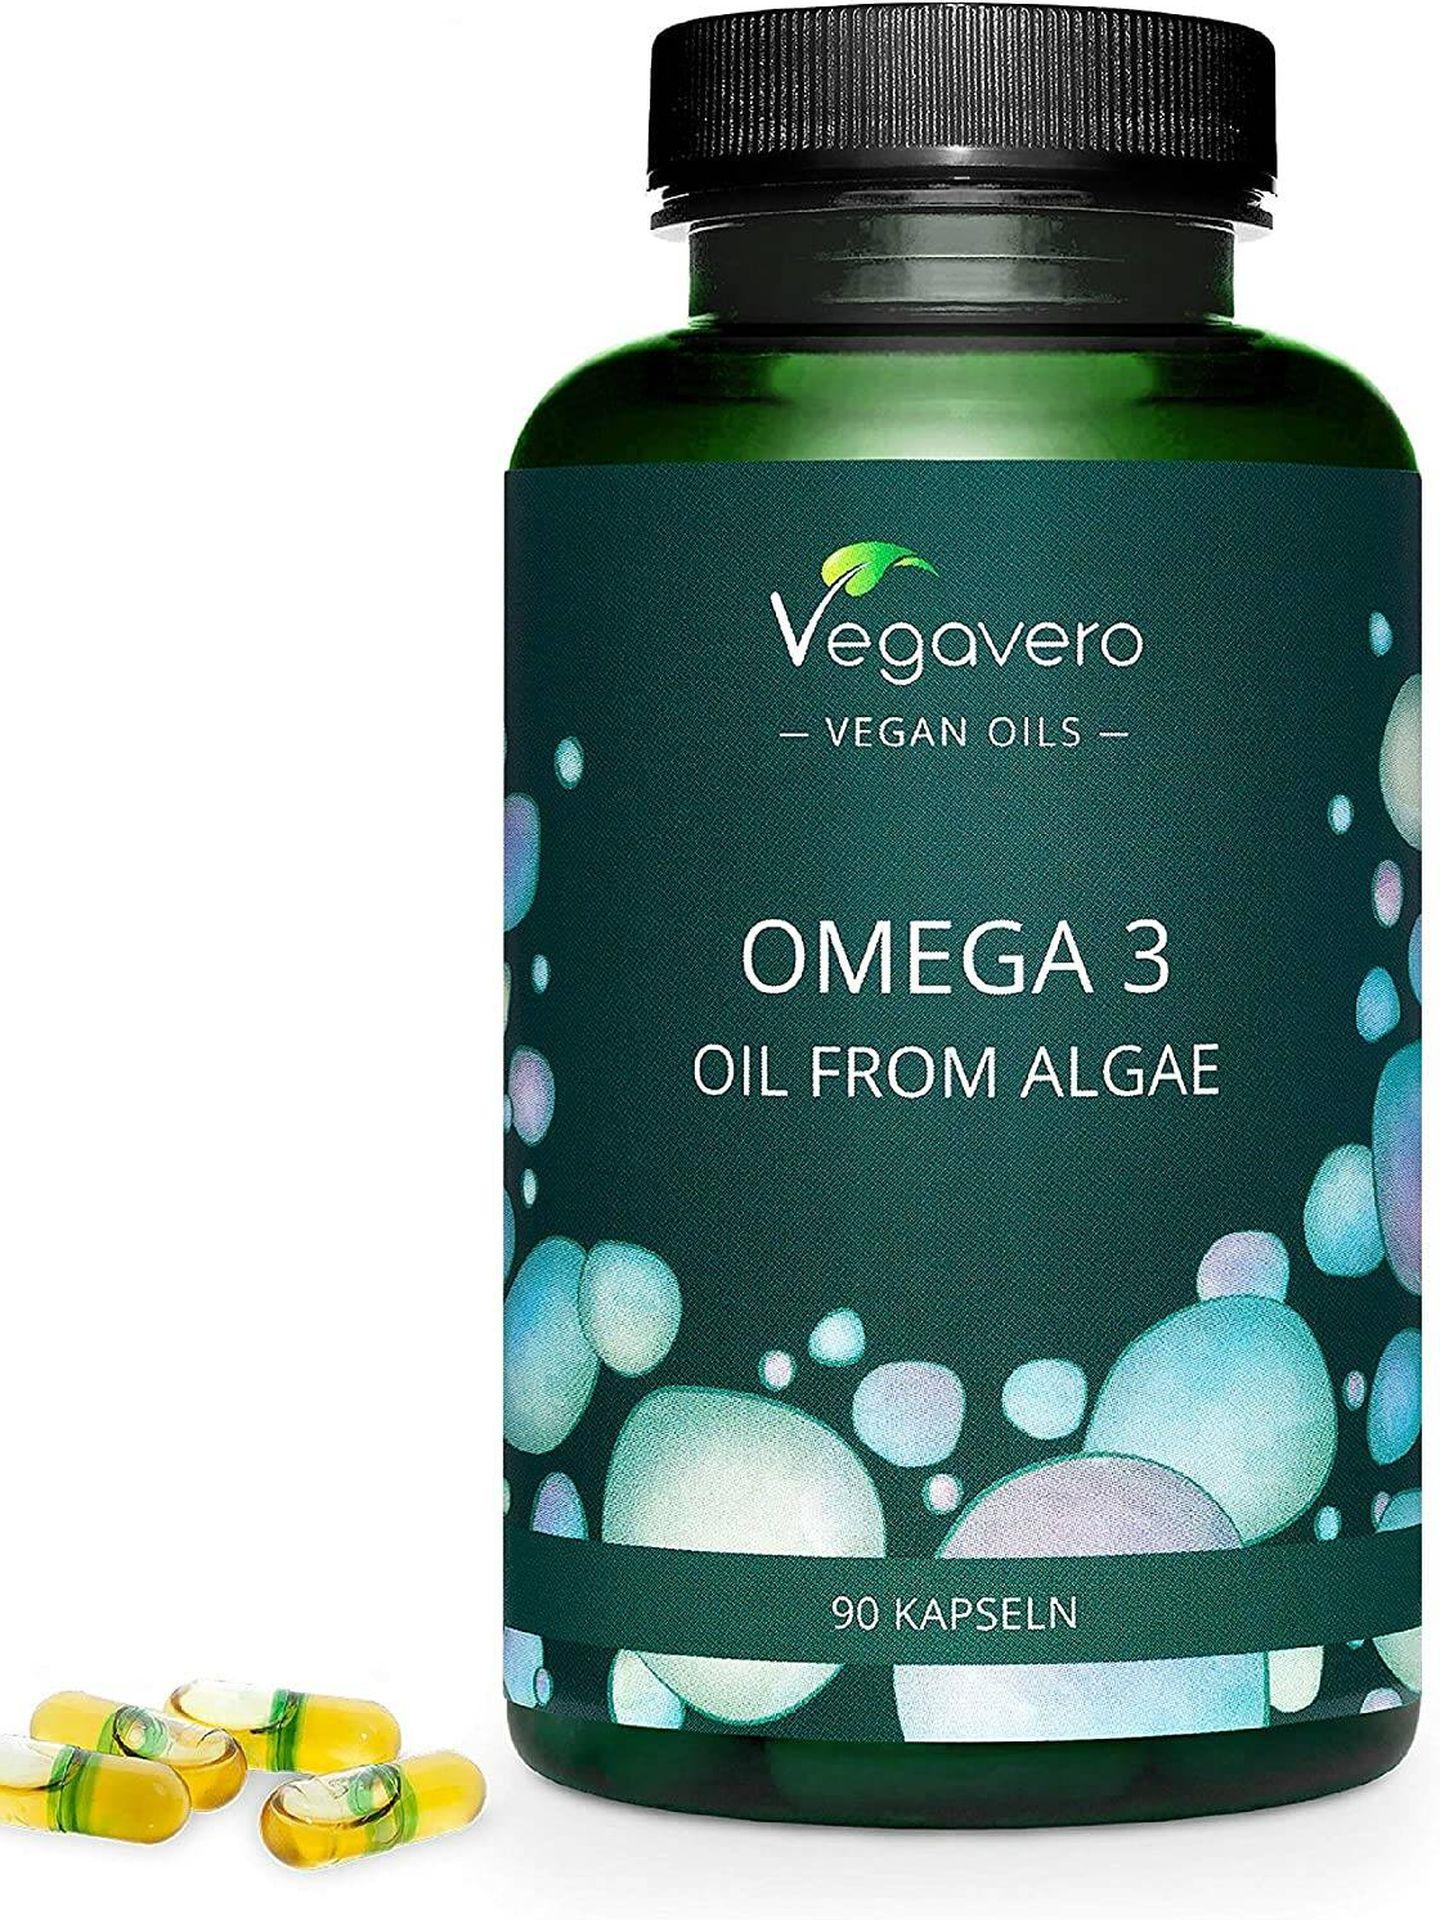 Vegavero Omega 3 a la venta en Amazon. (Cortesía)